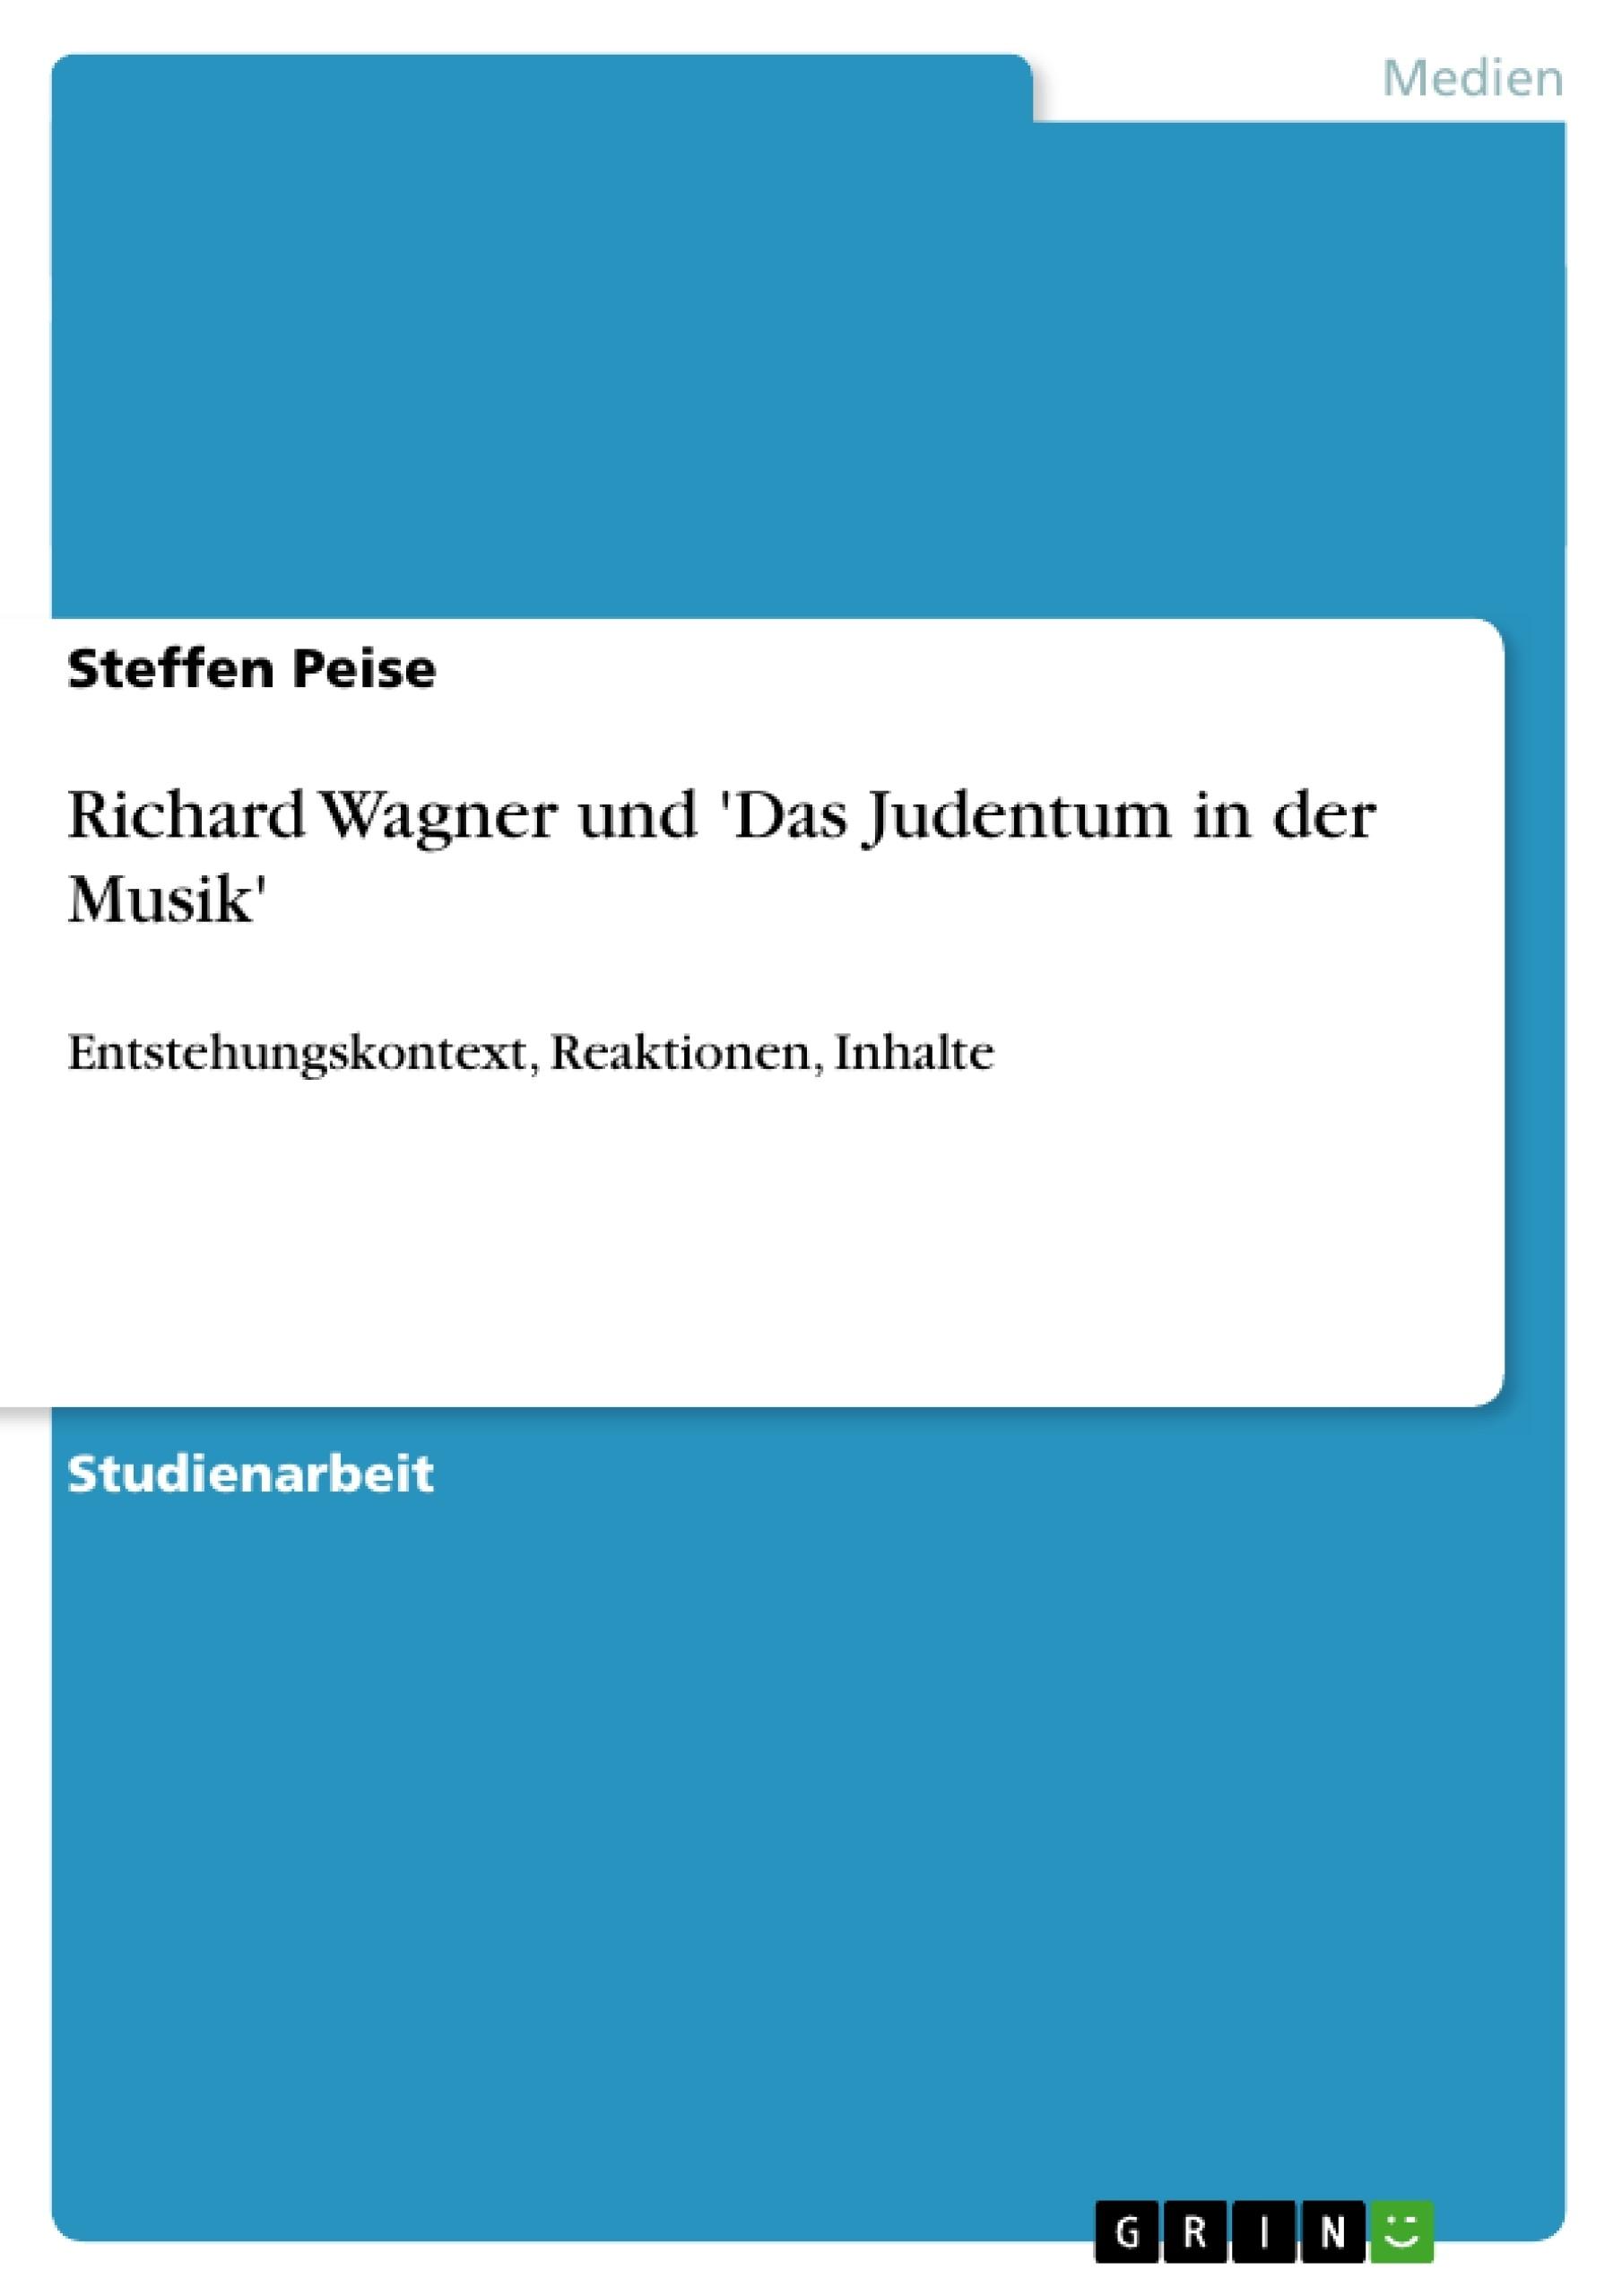 Titel: Richard Wagner und 'Das Judentum in der Musik'